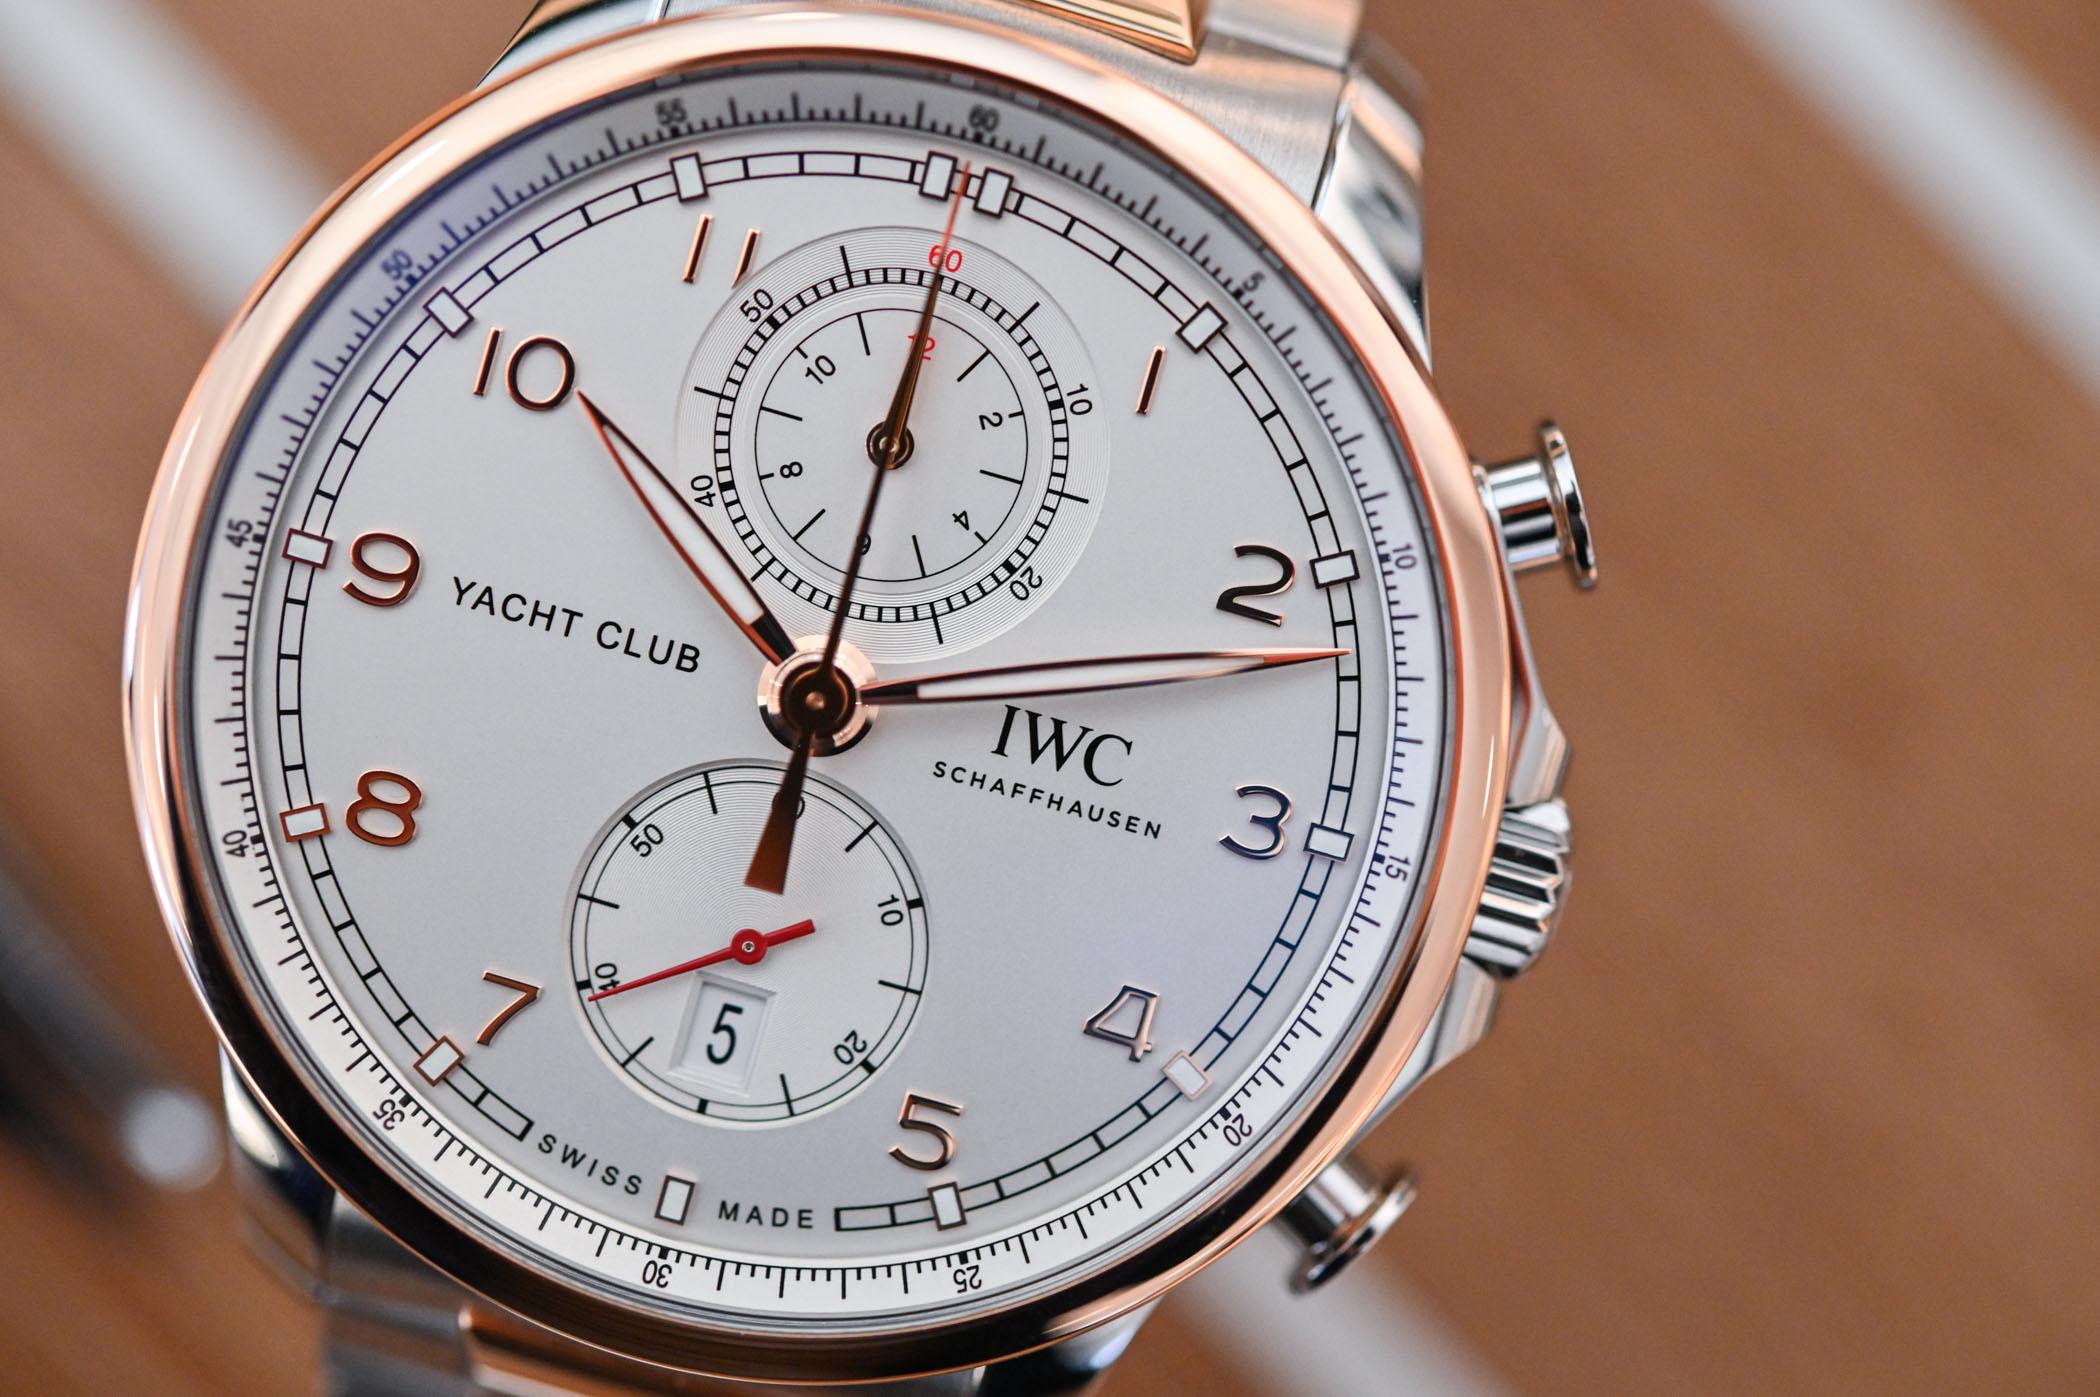 2020 IWC Portugieser Yacht Club Chronograph IW3907